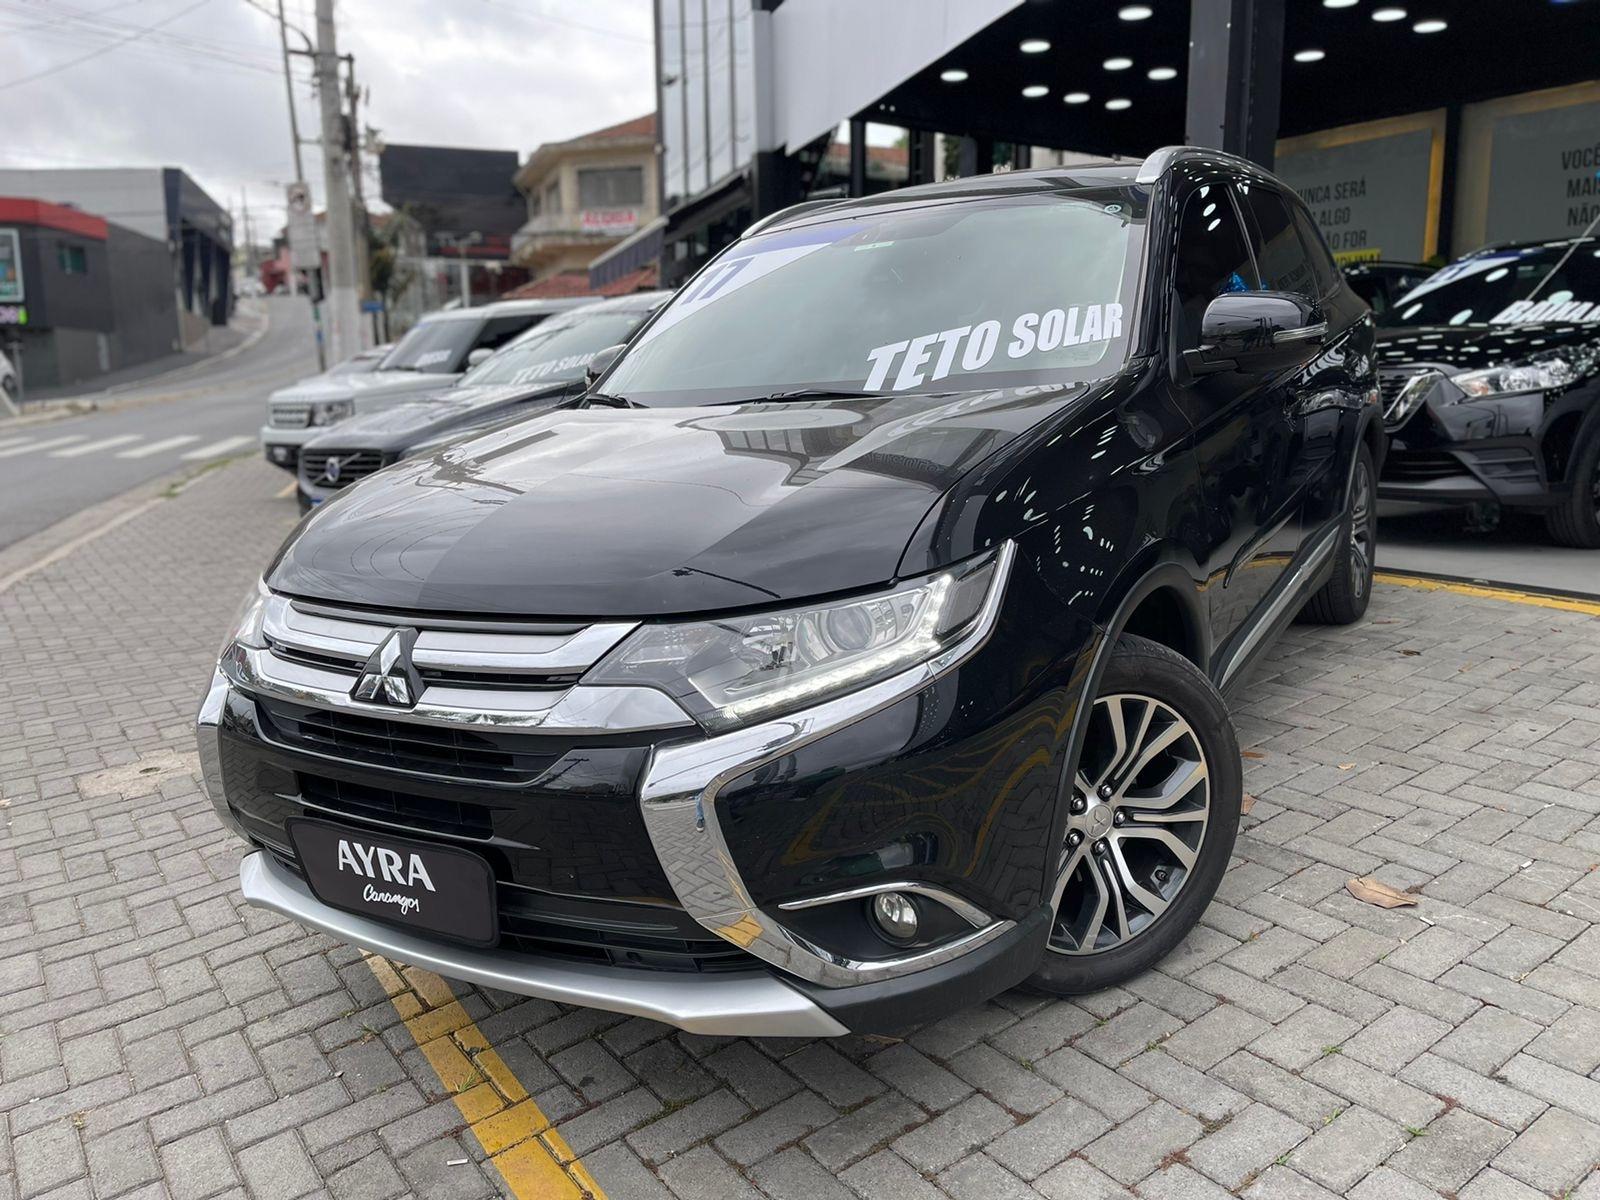 Foto do veiculo Mitsubishi OUTLANDER 2.0 16V 160cv Aut.